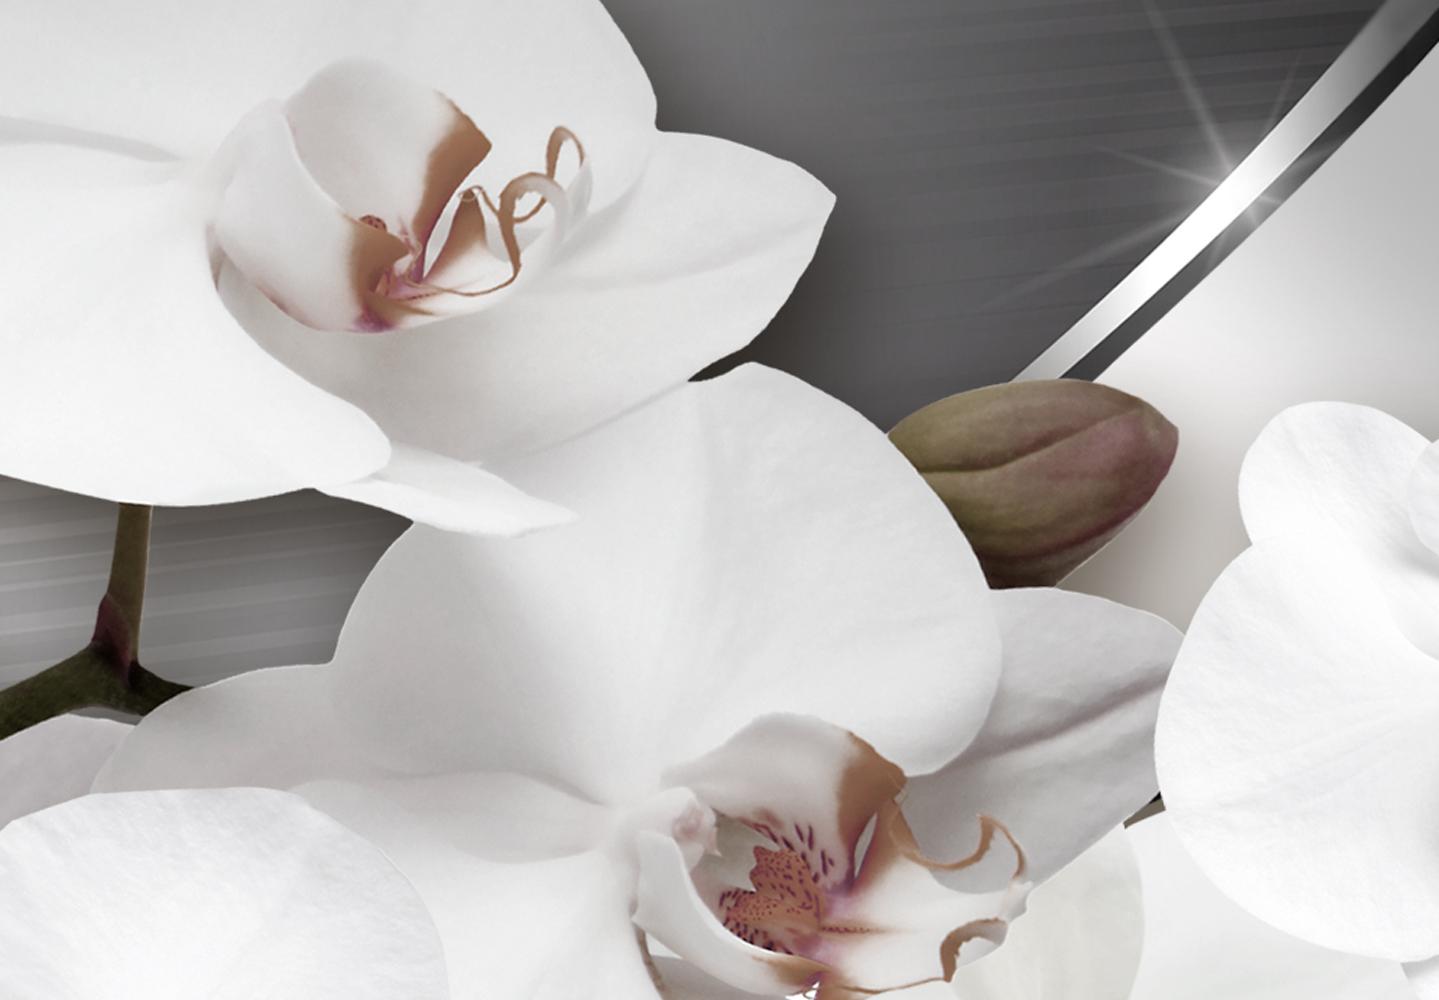 Wandbilder xxl Blumen Orchidee abstraktes Leinwand Bild Wohnzimmer b-C-0195-b-n